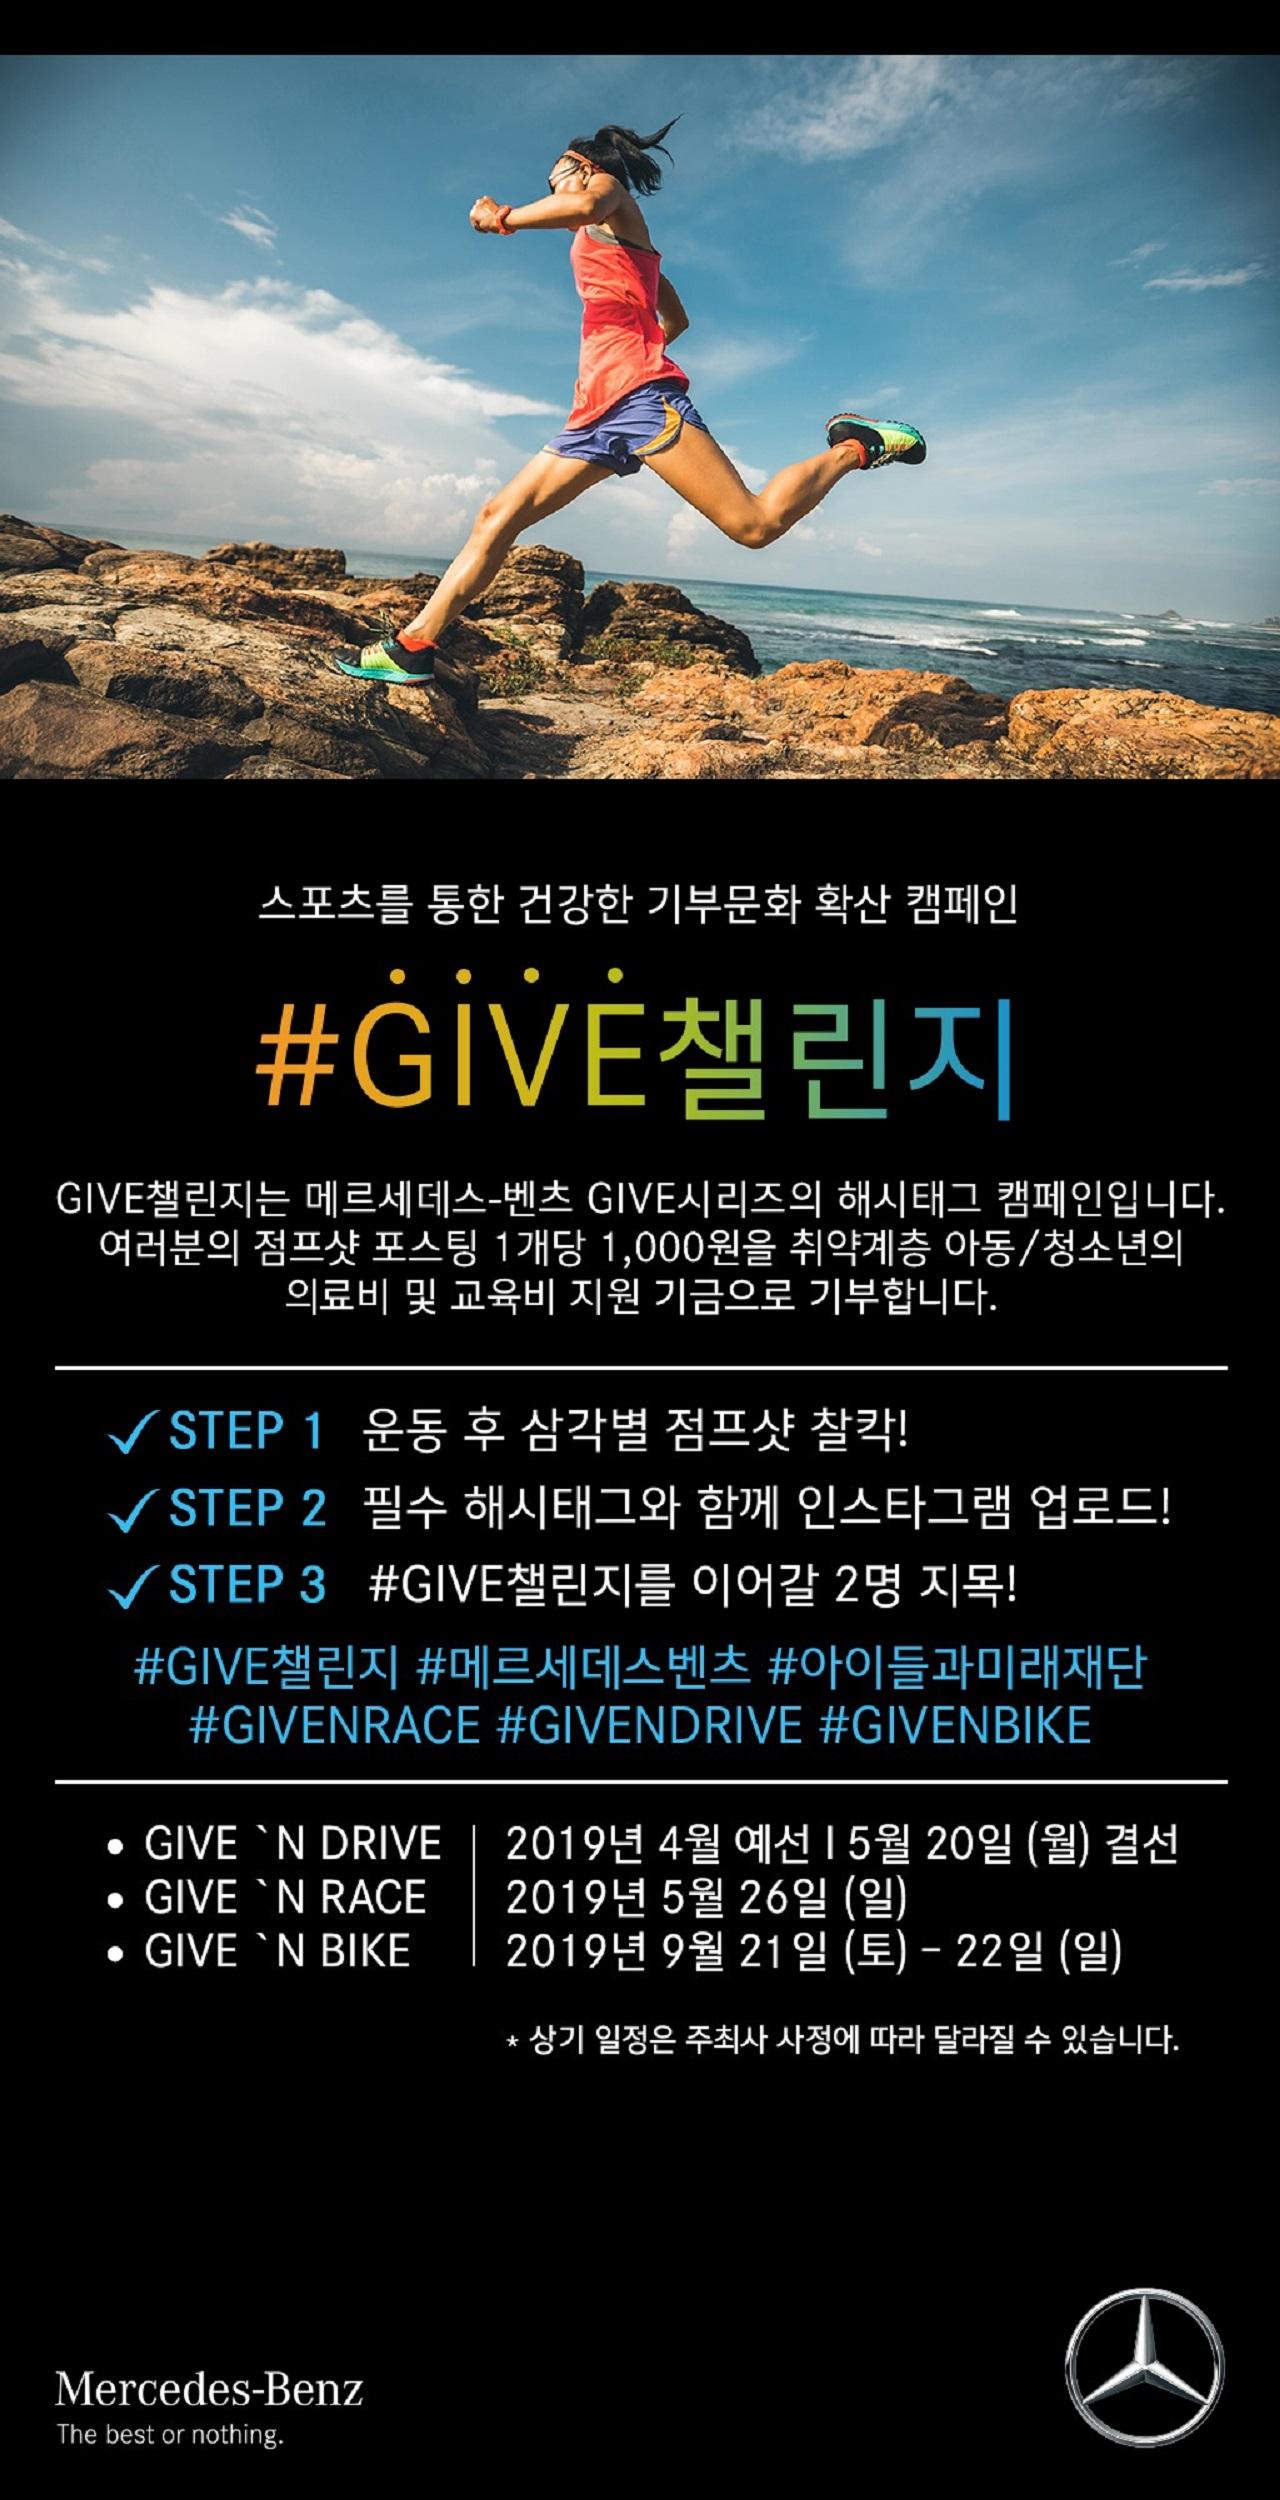 [사진 3] 메르세데스-벤츠 기브 기부 캠페인 이벤트 '#GIVE챌린지'